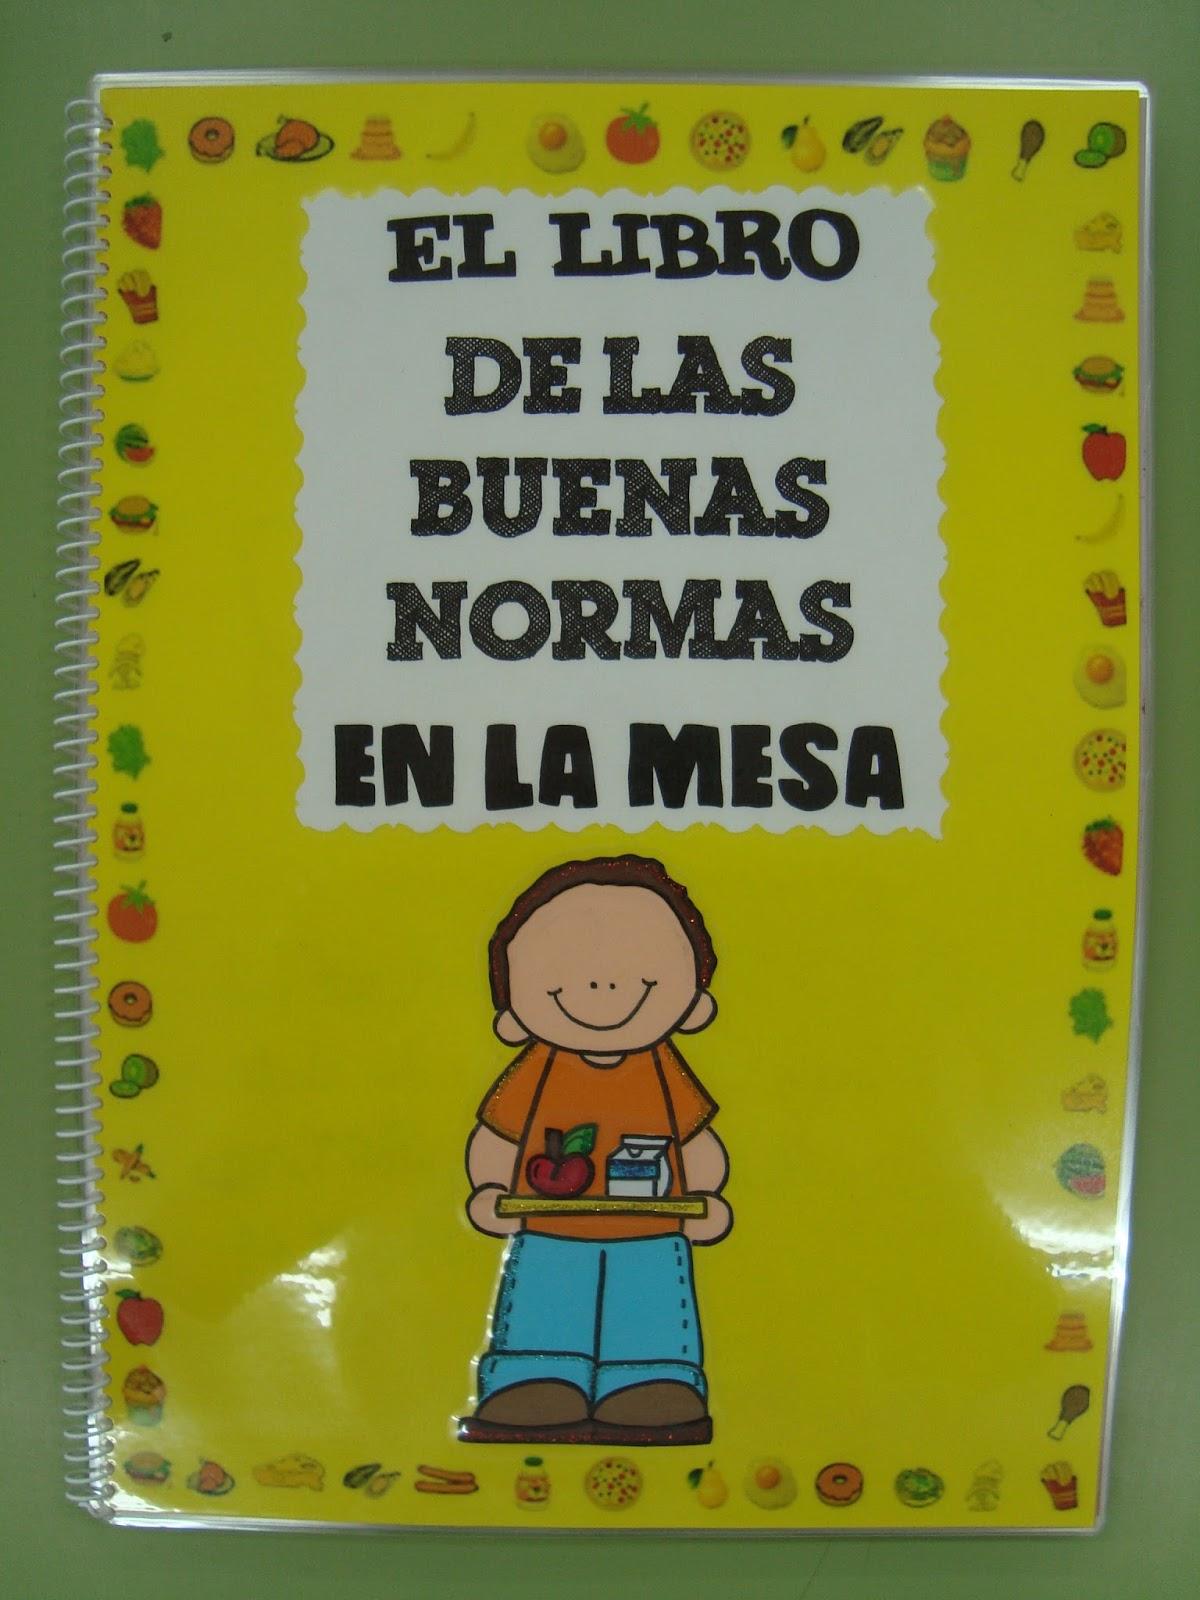 Plastificando ilusiones el libro de las buenas normas en for Libro fuera de norma